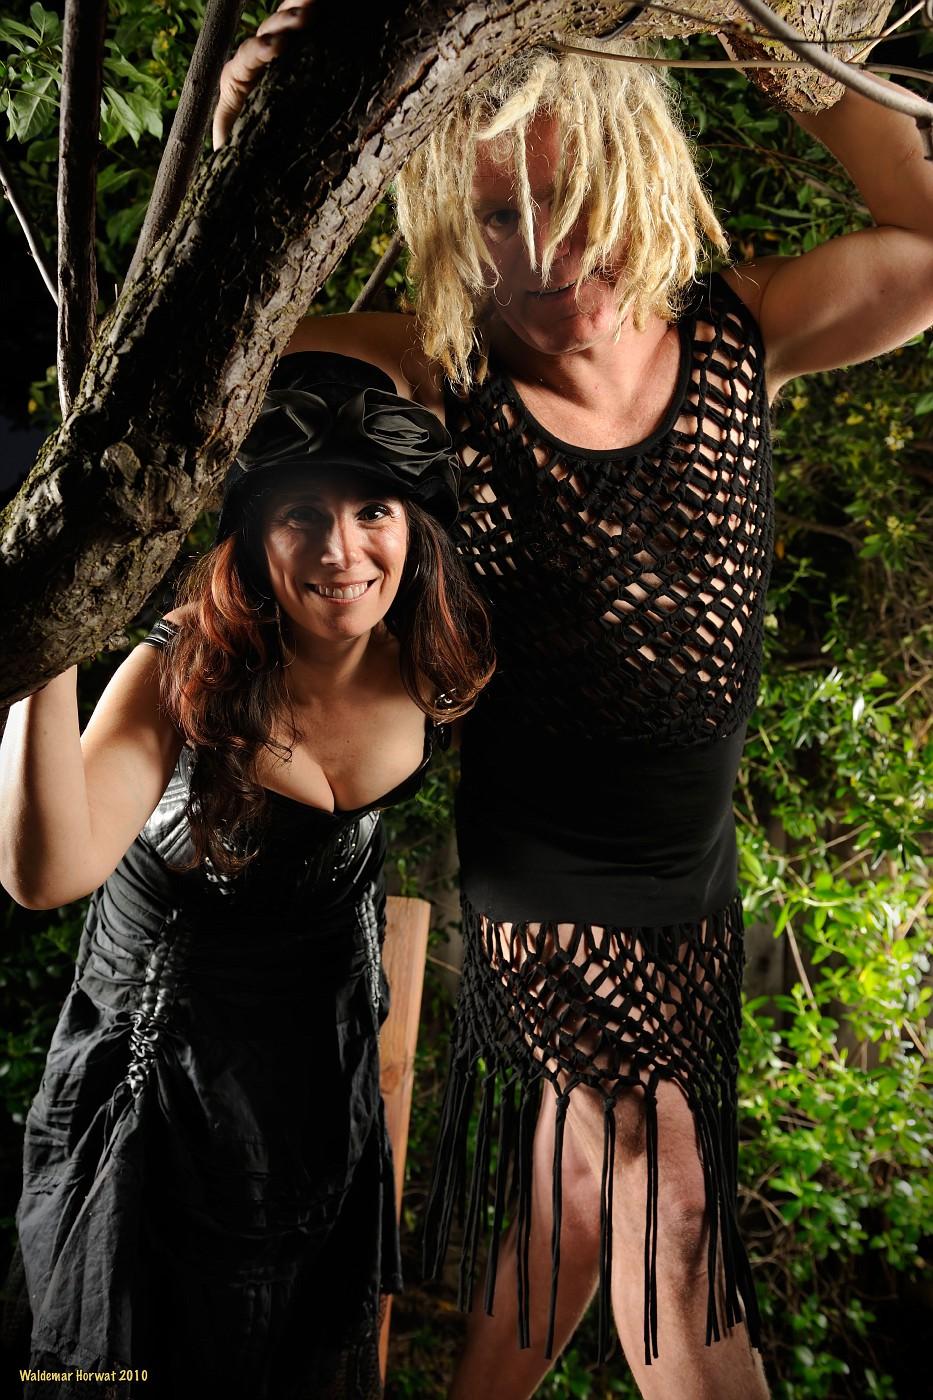 Melanie and Warrior